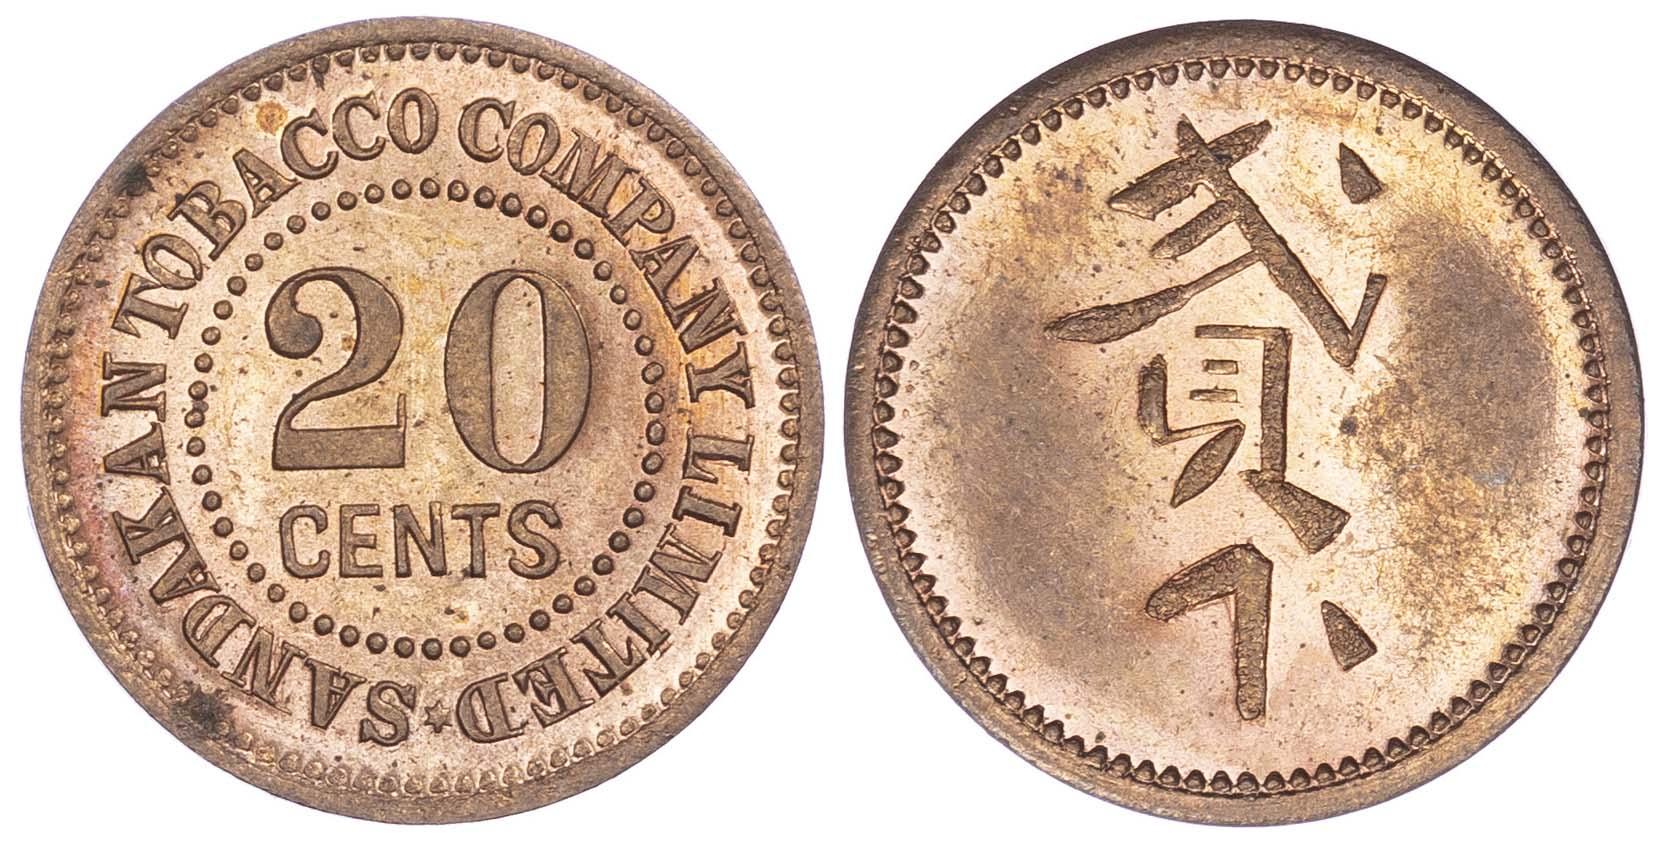 Malaysia, British North Borneo, copper Proof 20 Cents, Sandakan Tobacco Token